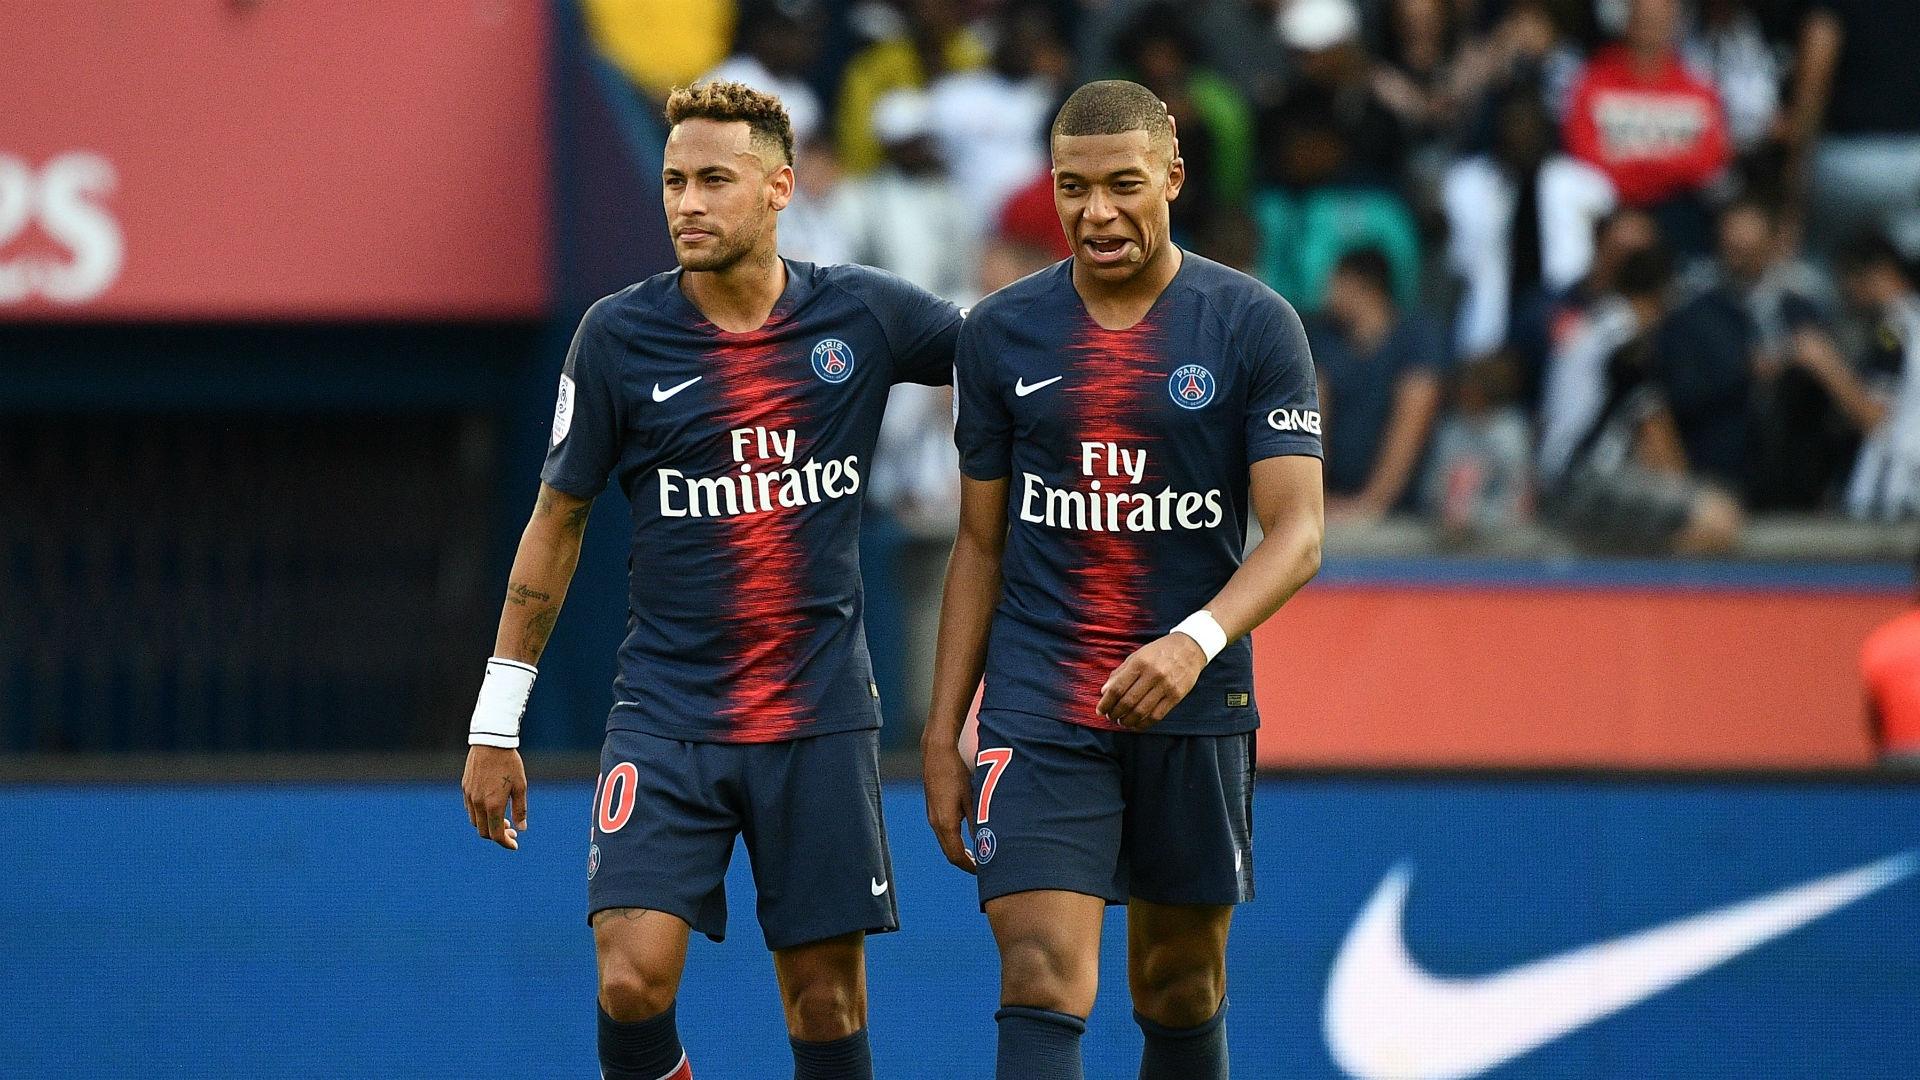 Đấu Man Utd, Mbappe nói 1 điều thẳng thắn về Neymar - Bóng Đá